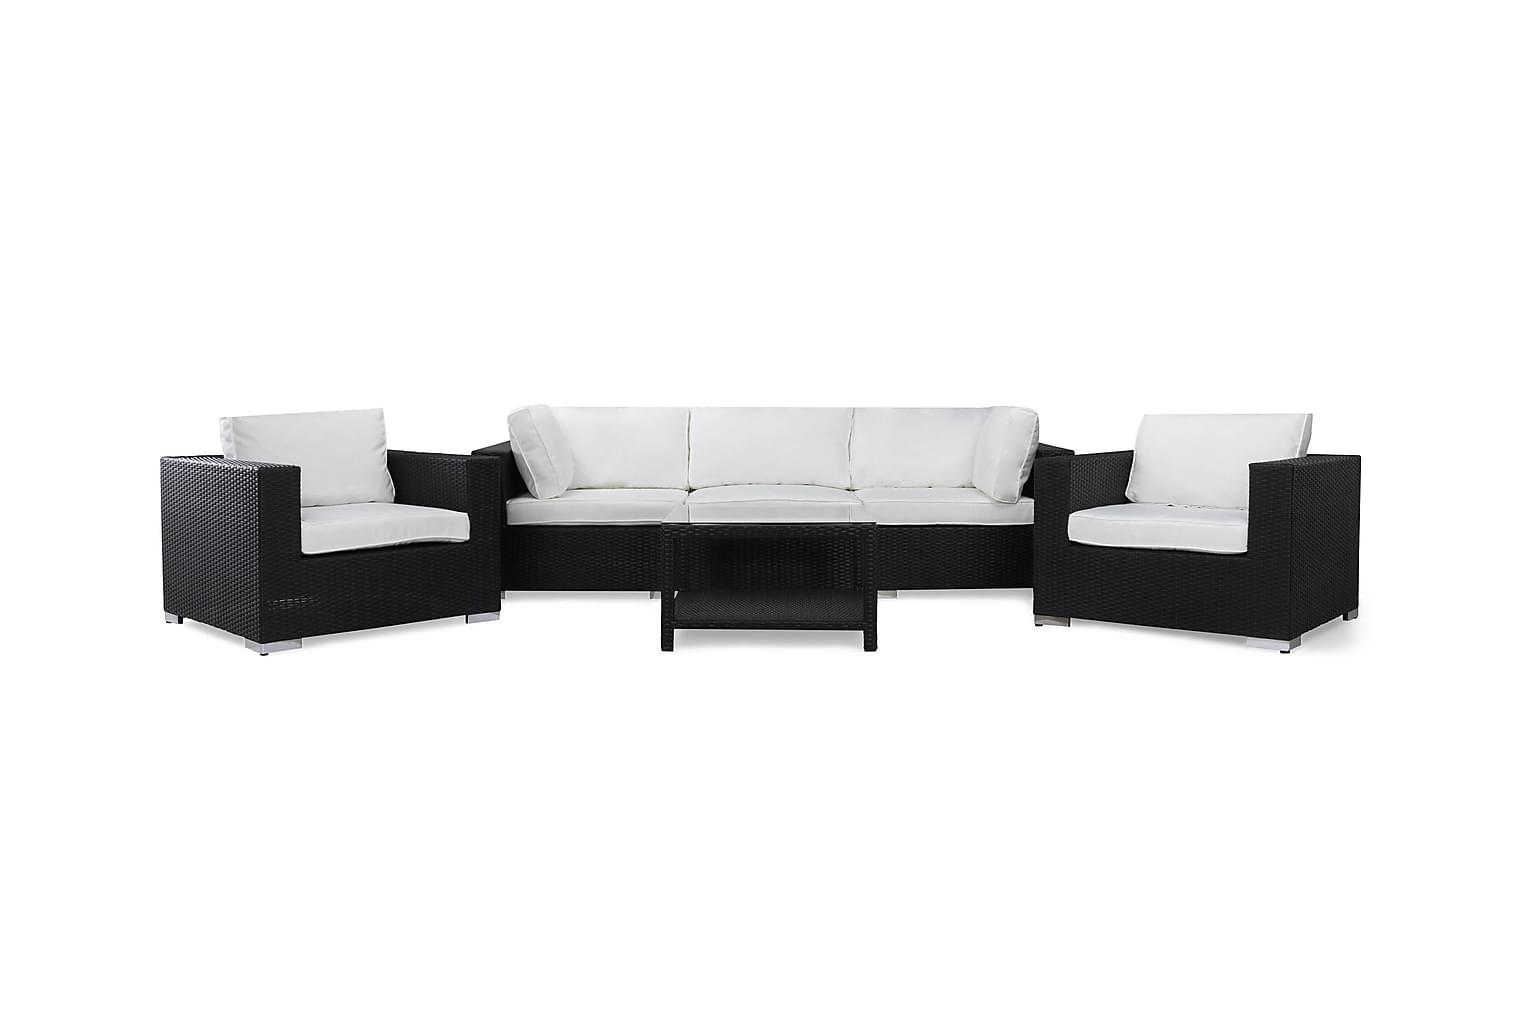 DOMINICA Loungesoffa 3-Sits + Bord 75 + 2 Fåtöljer Svart -